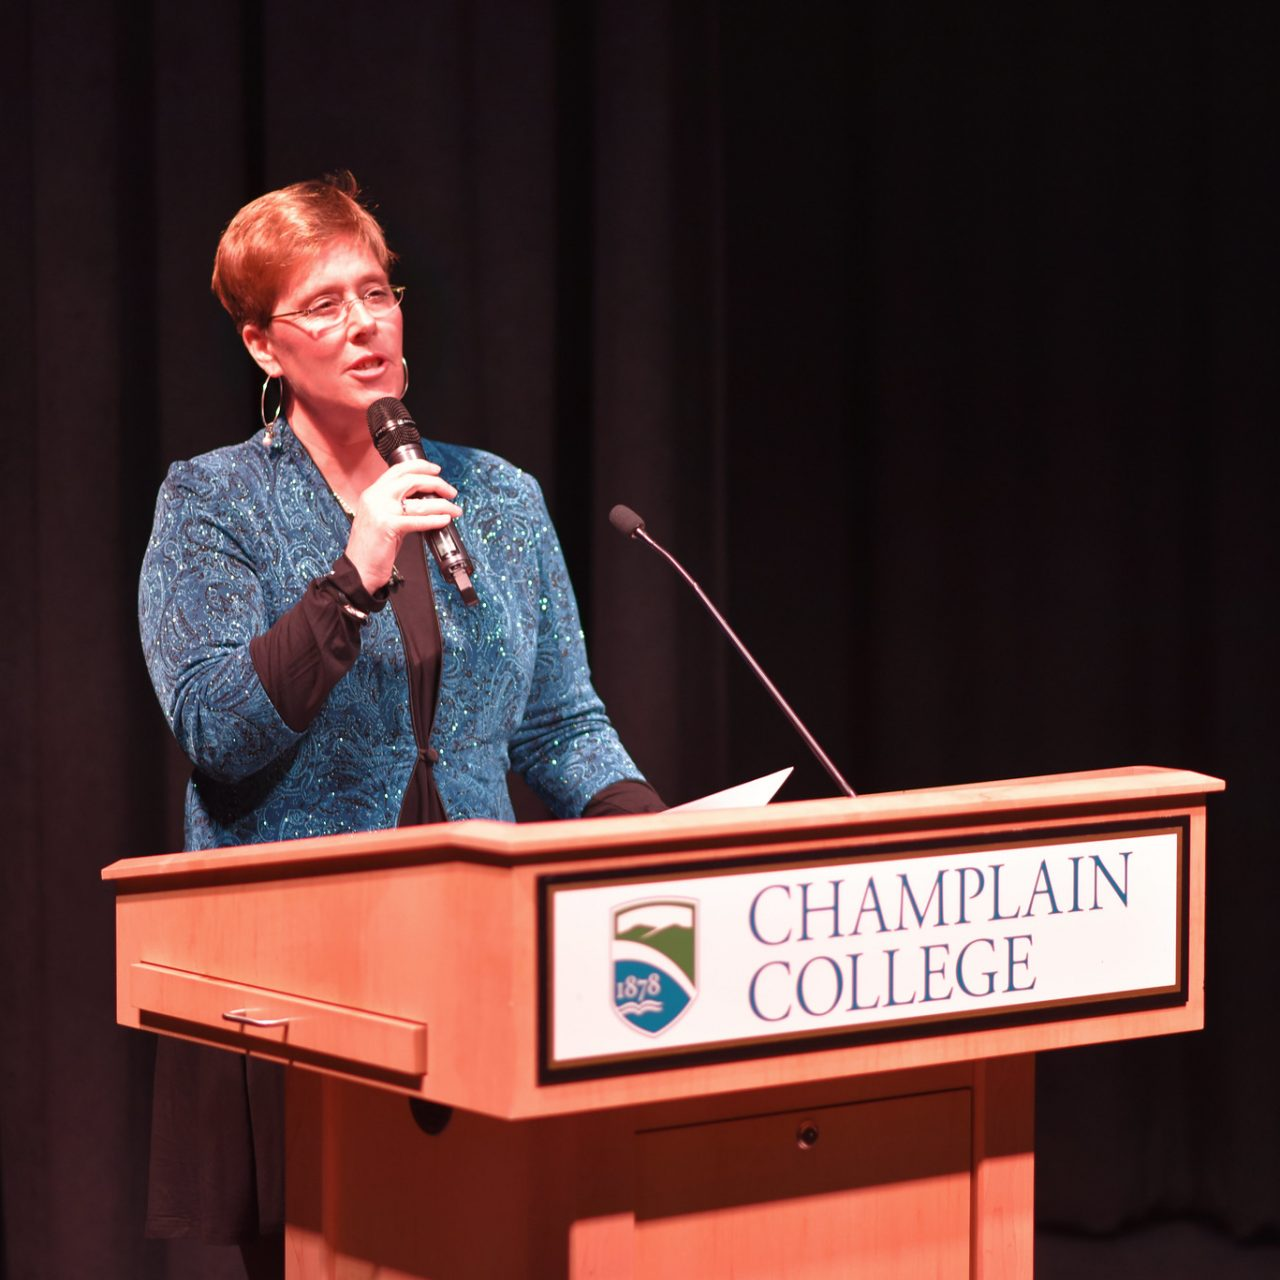 Professor speaking at a podium